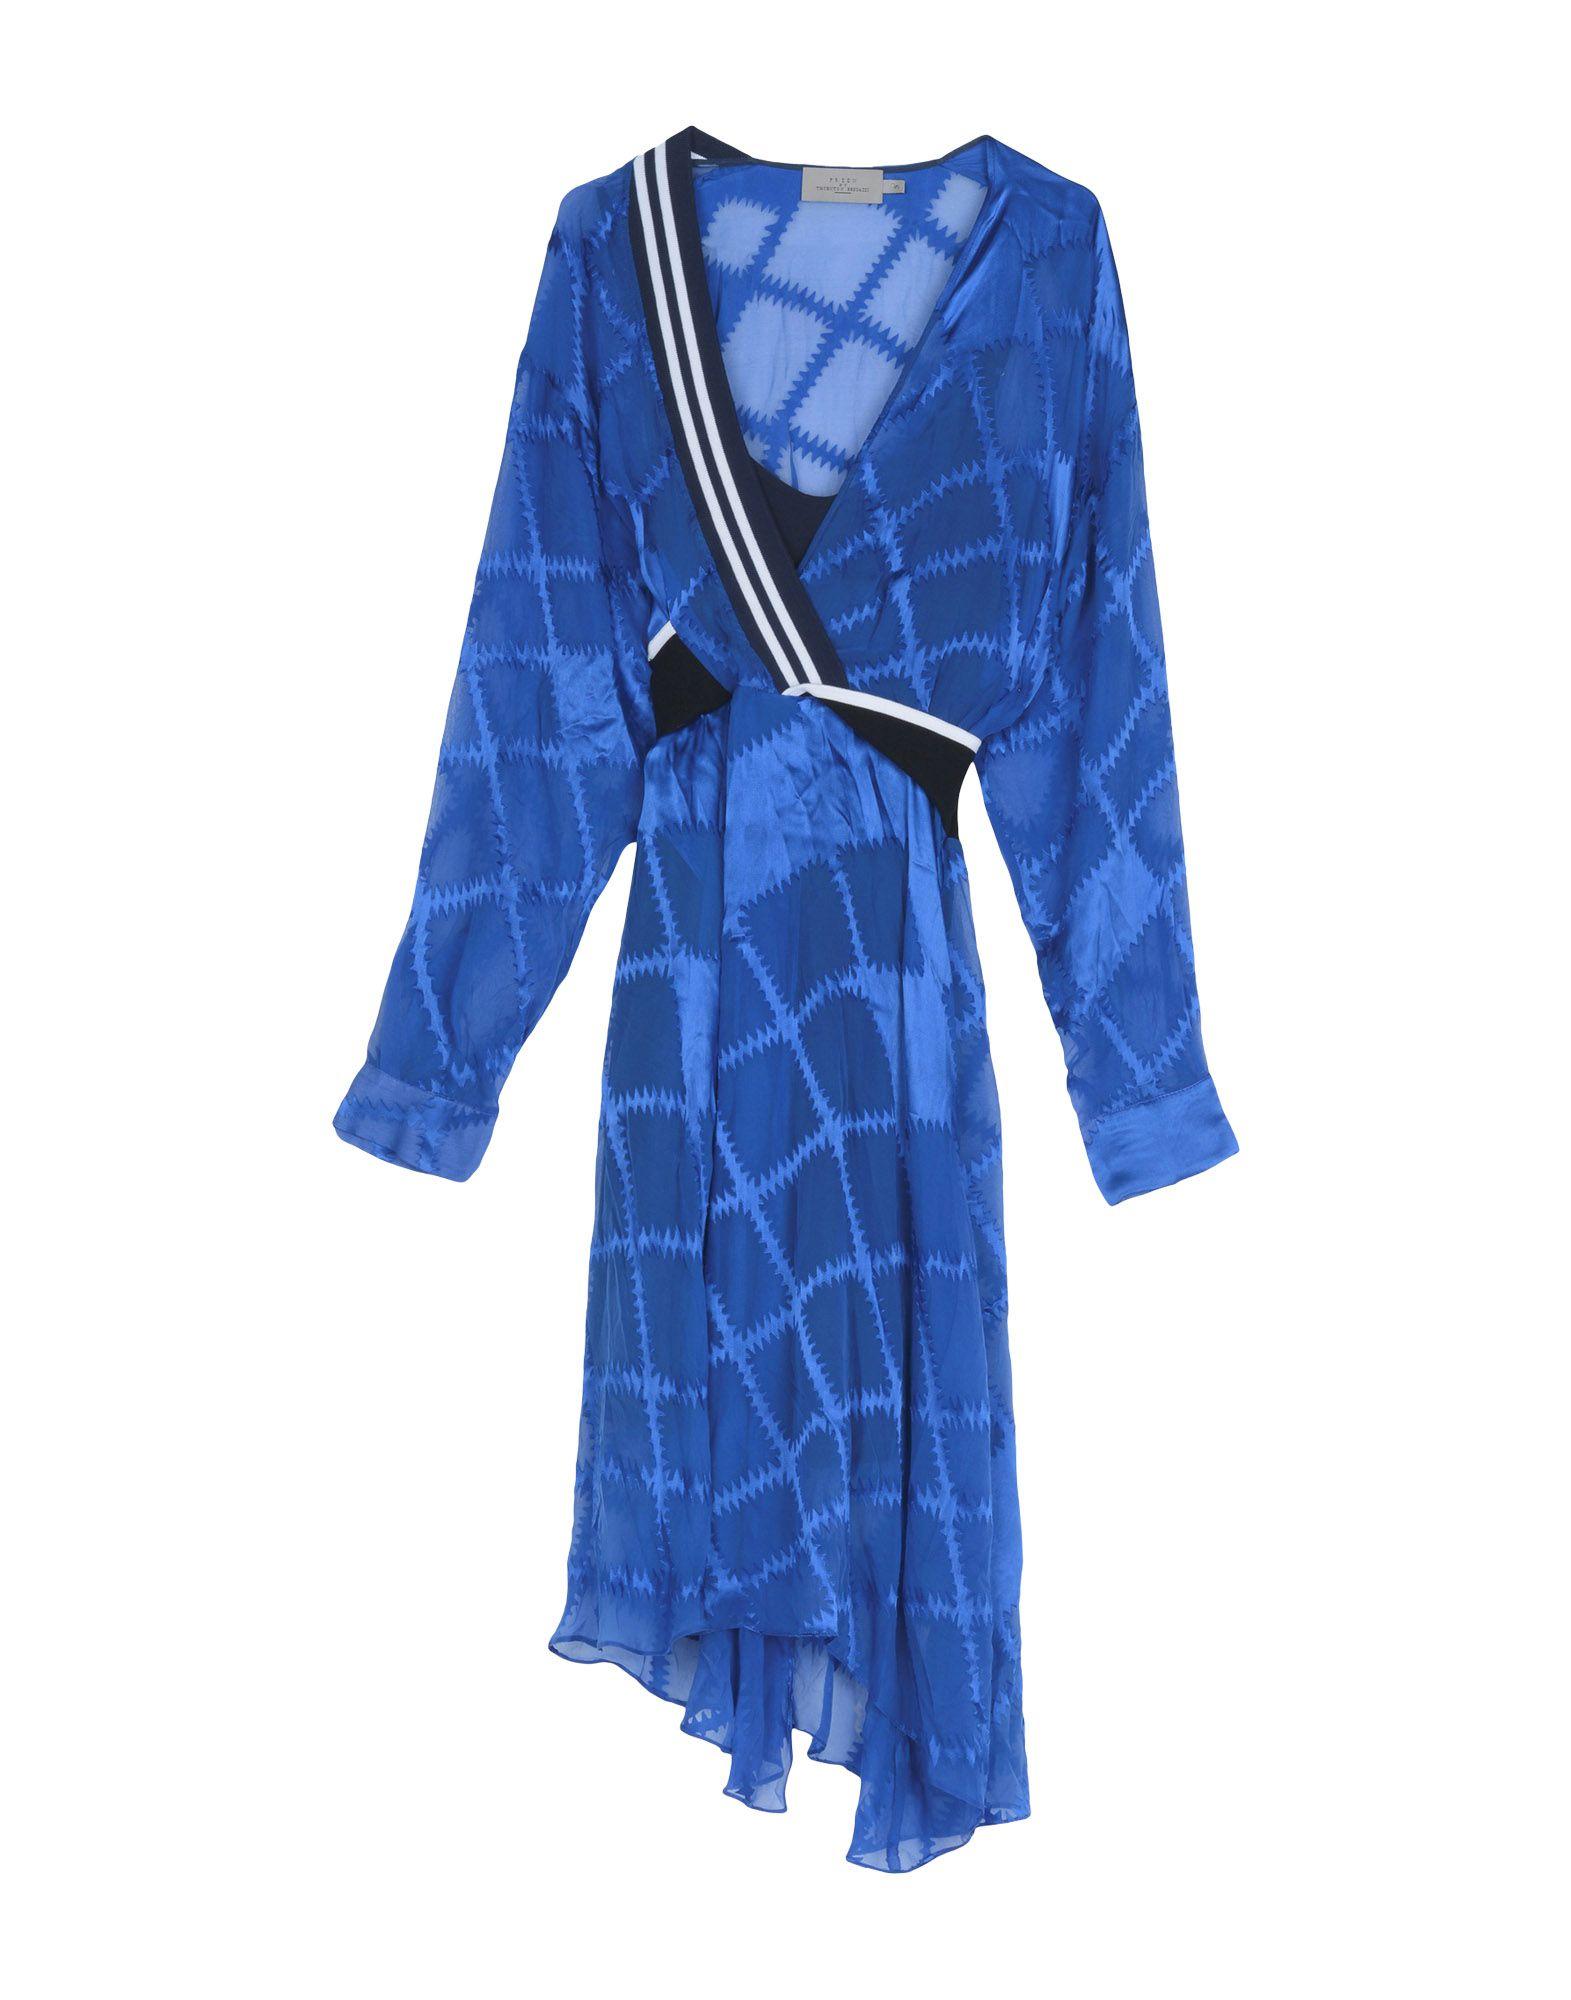 Vestito Longuette Preen By Thornton Bregazzi Donna - Acquista online su MRFavXPH